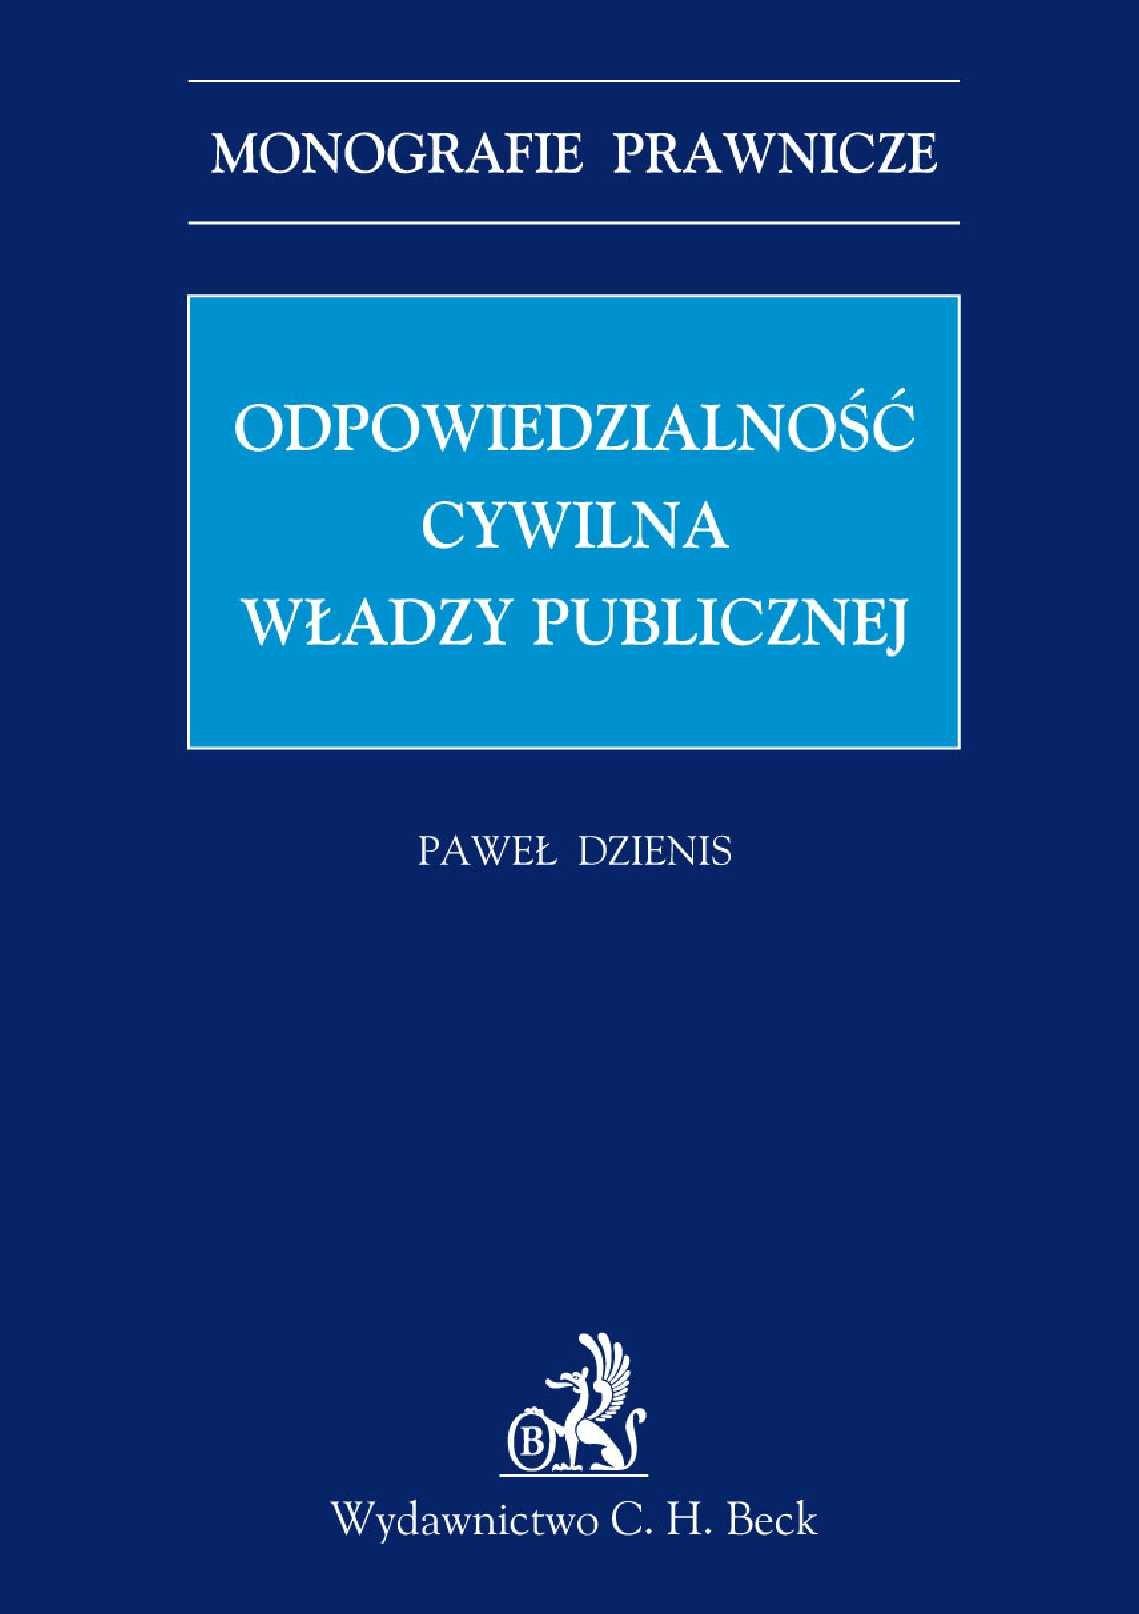 Odpowiedzialność cywilna władzy publicznej - Ebook (Książka PDF) do pobrania w formacie PDF